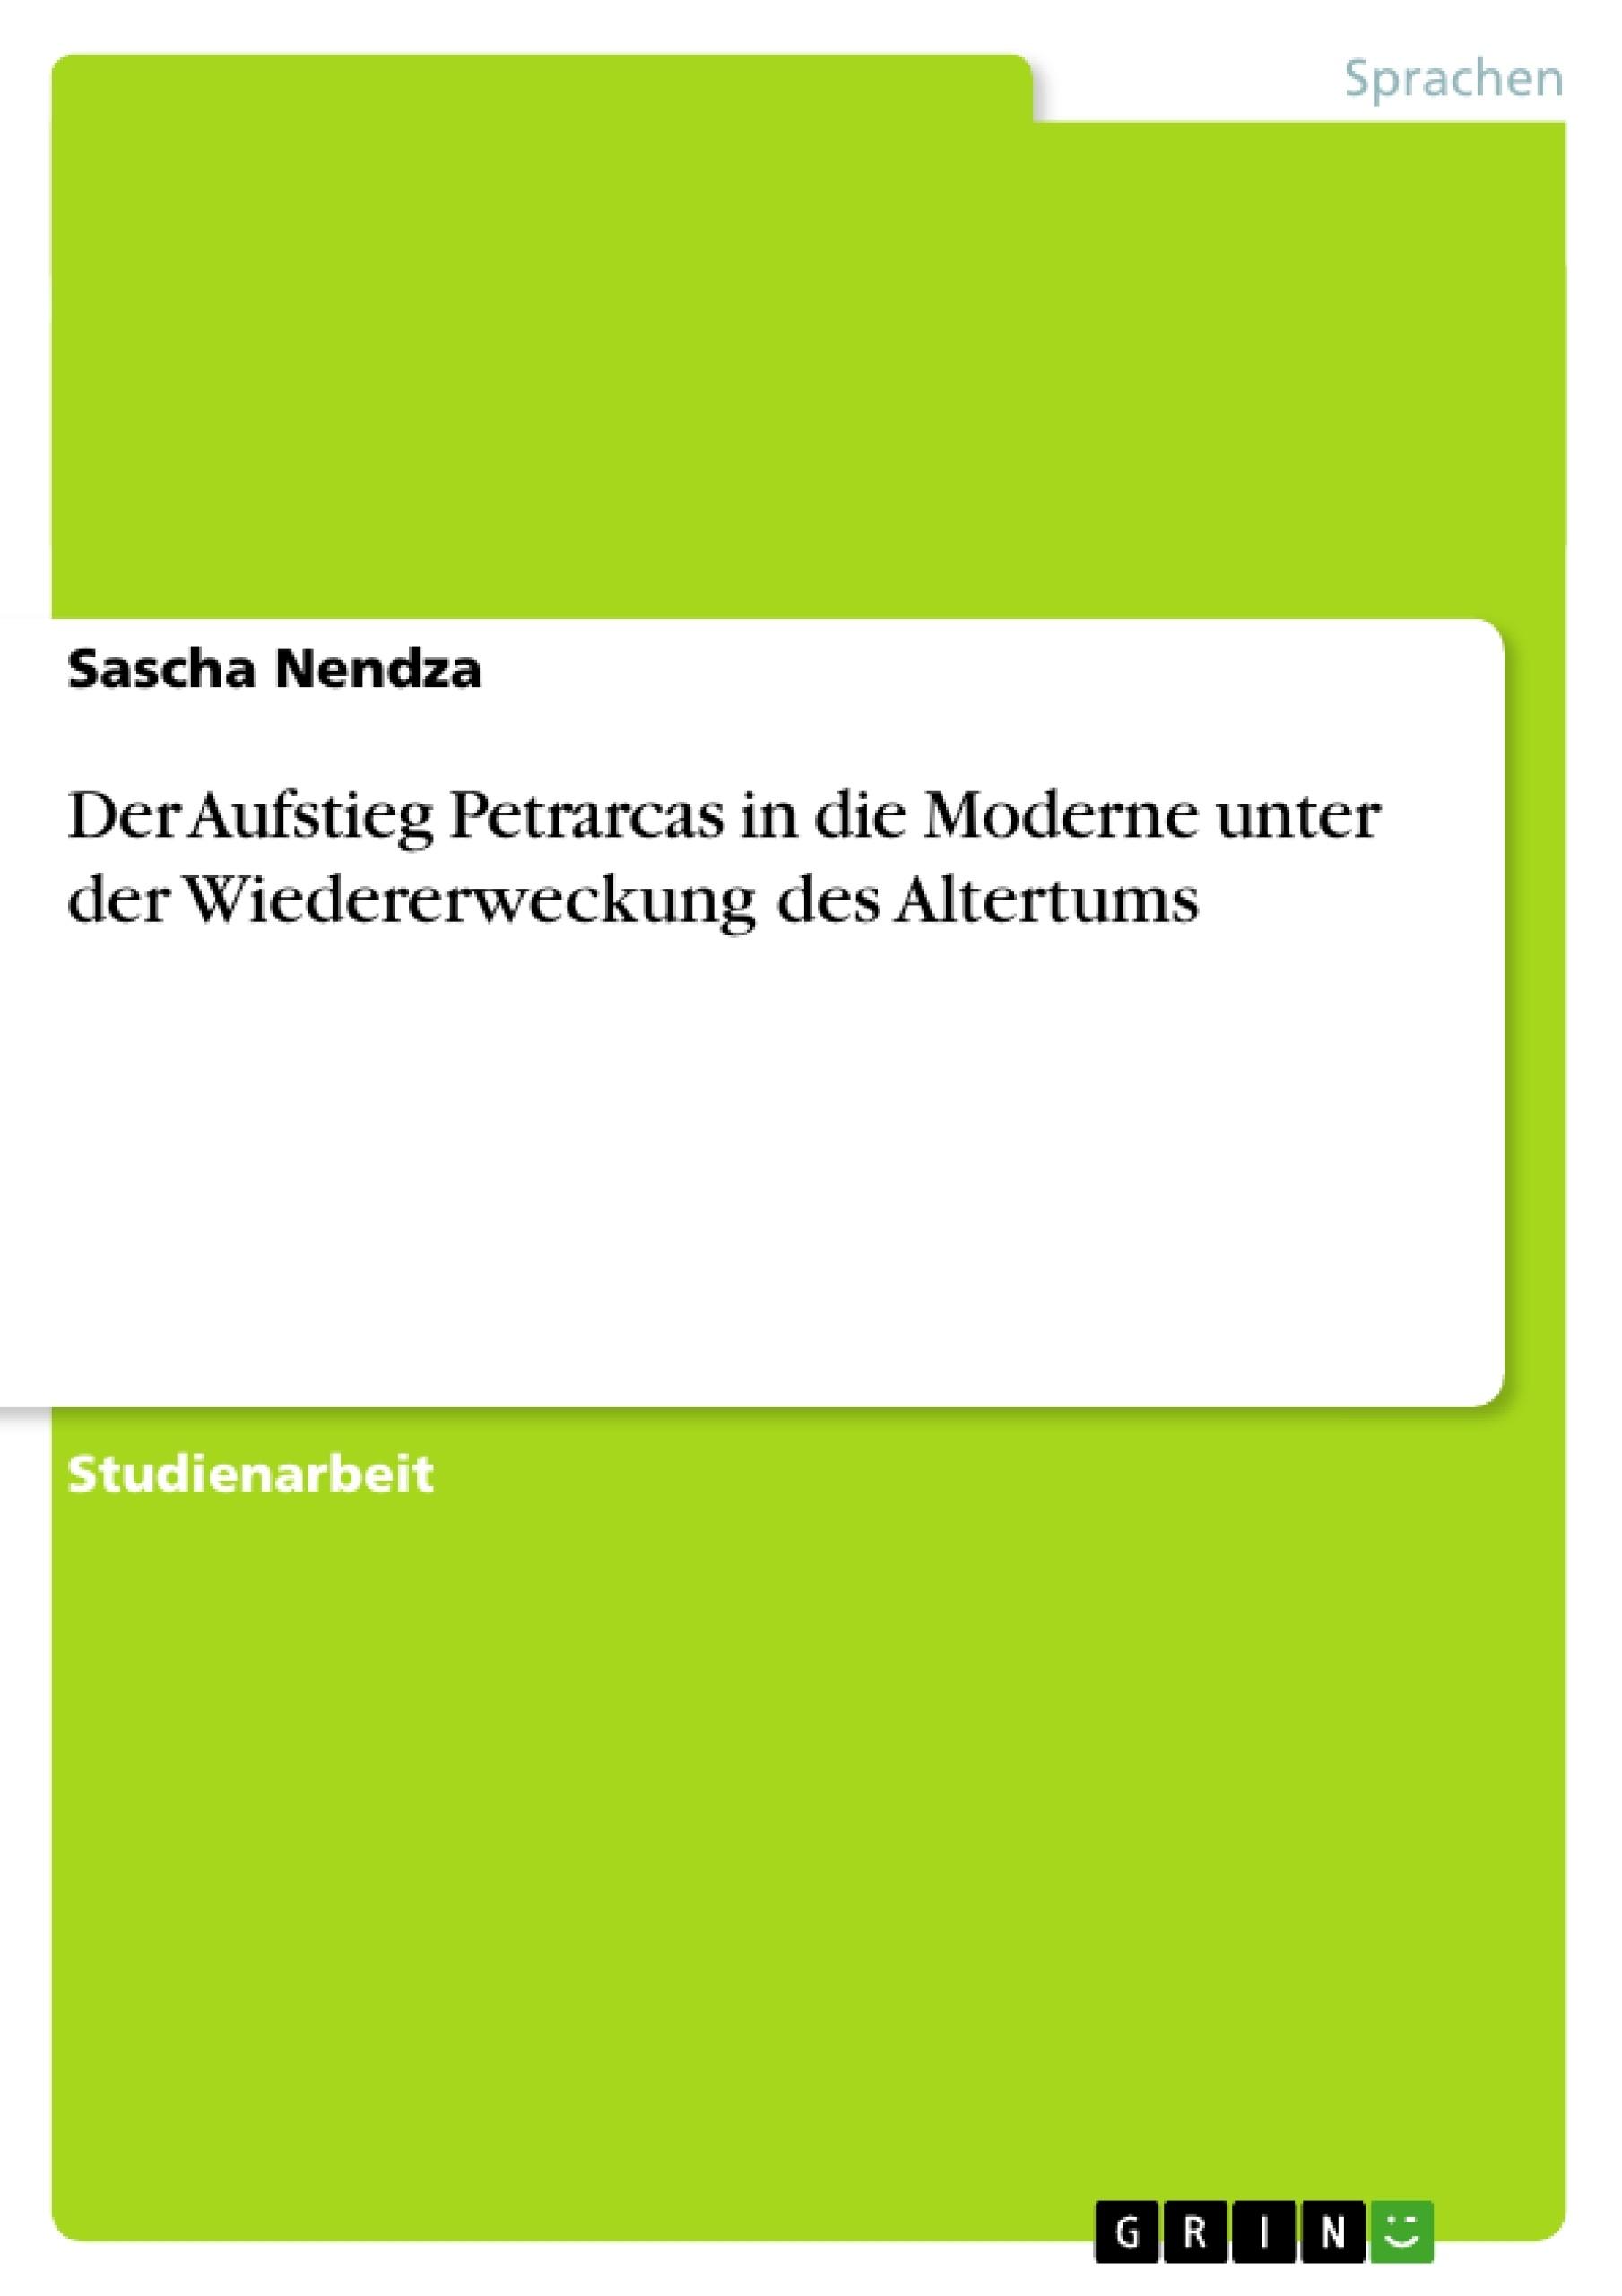 Titel: Der Aufstieg Petrarcas in die Moderne unter der Wiedererweckung des Altertums